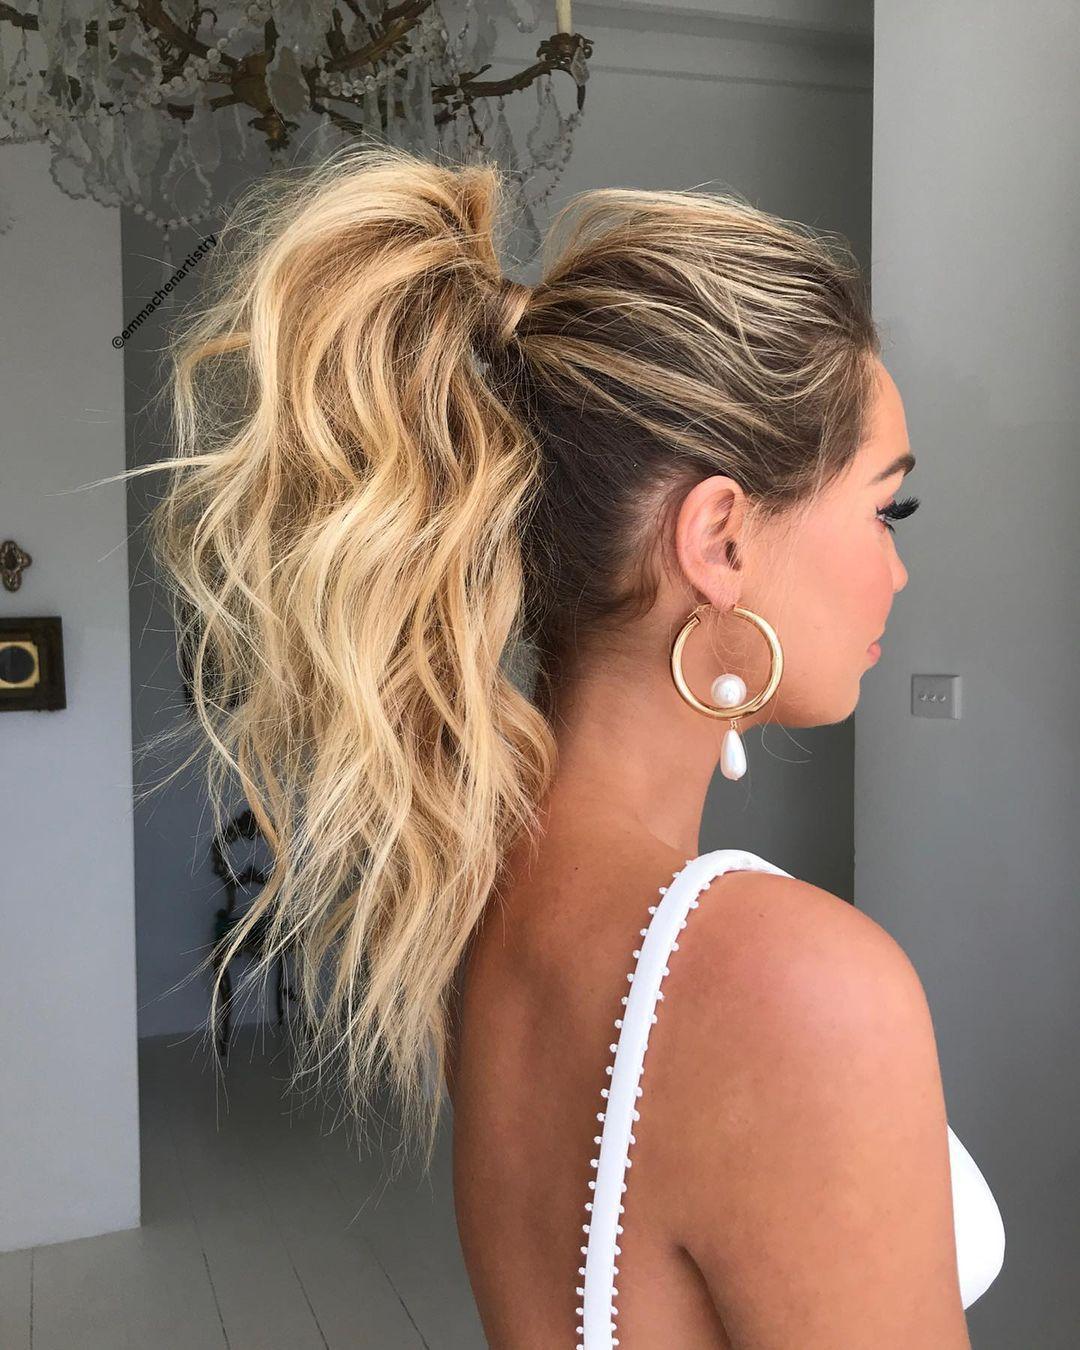 Izdvojite dvije minute i napravite idealnu frizuru koja daje maksimalan wow-efekt uz minimalan trud